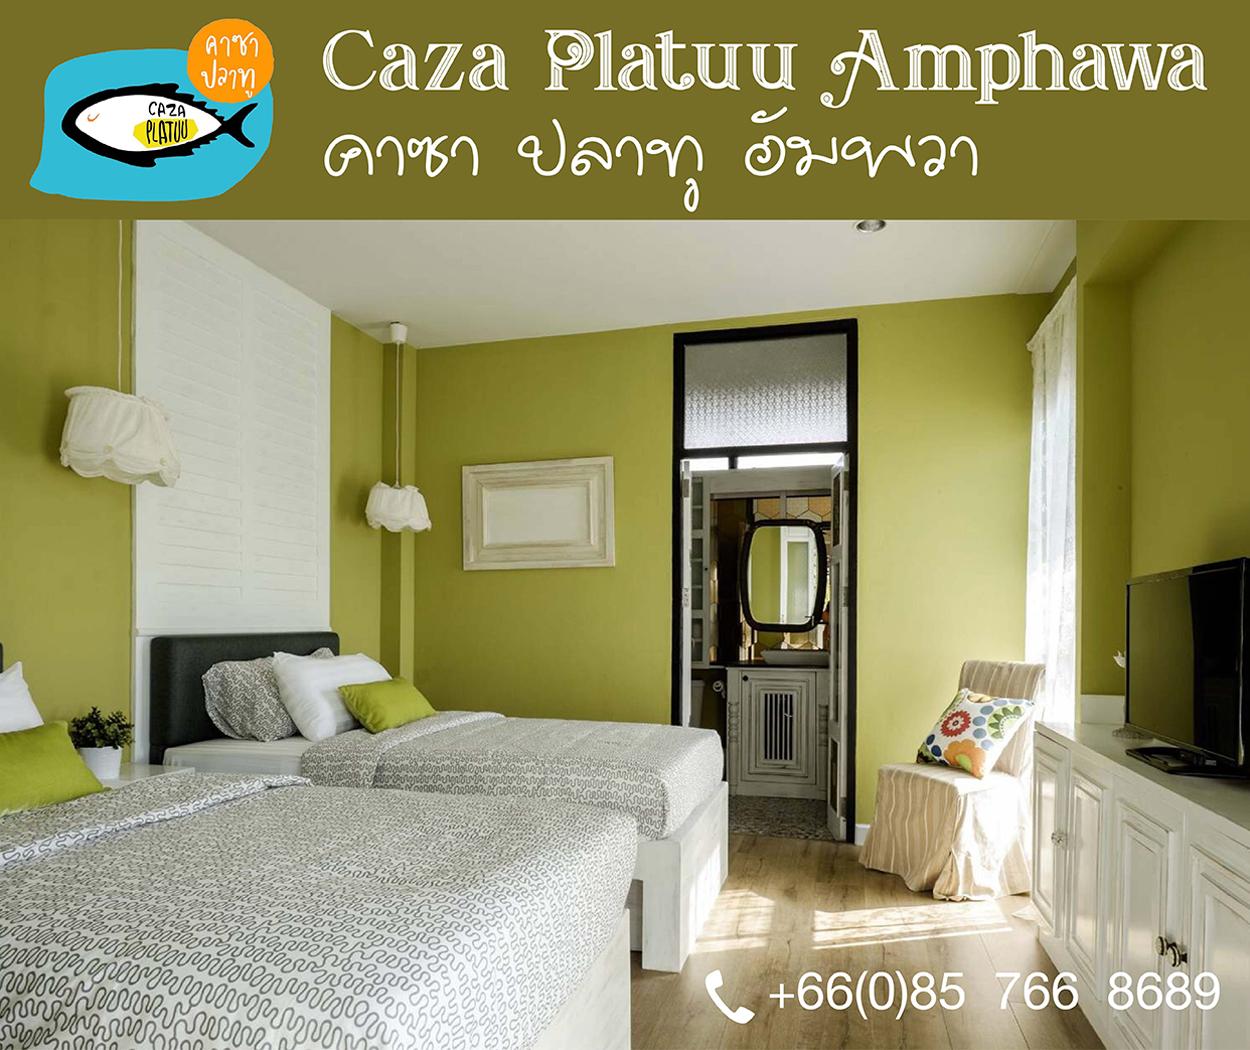 Caza Platuu Amphawa